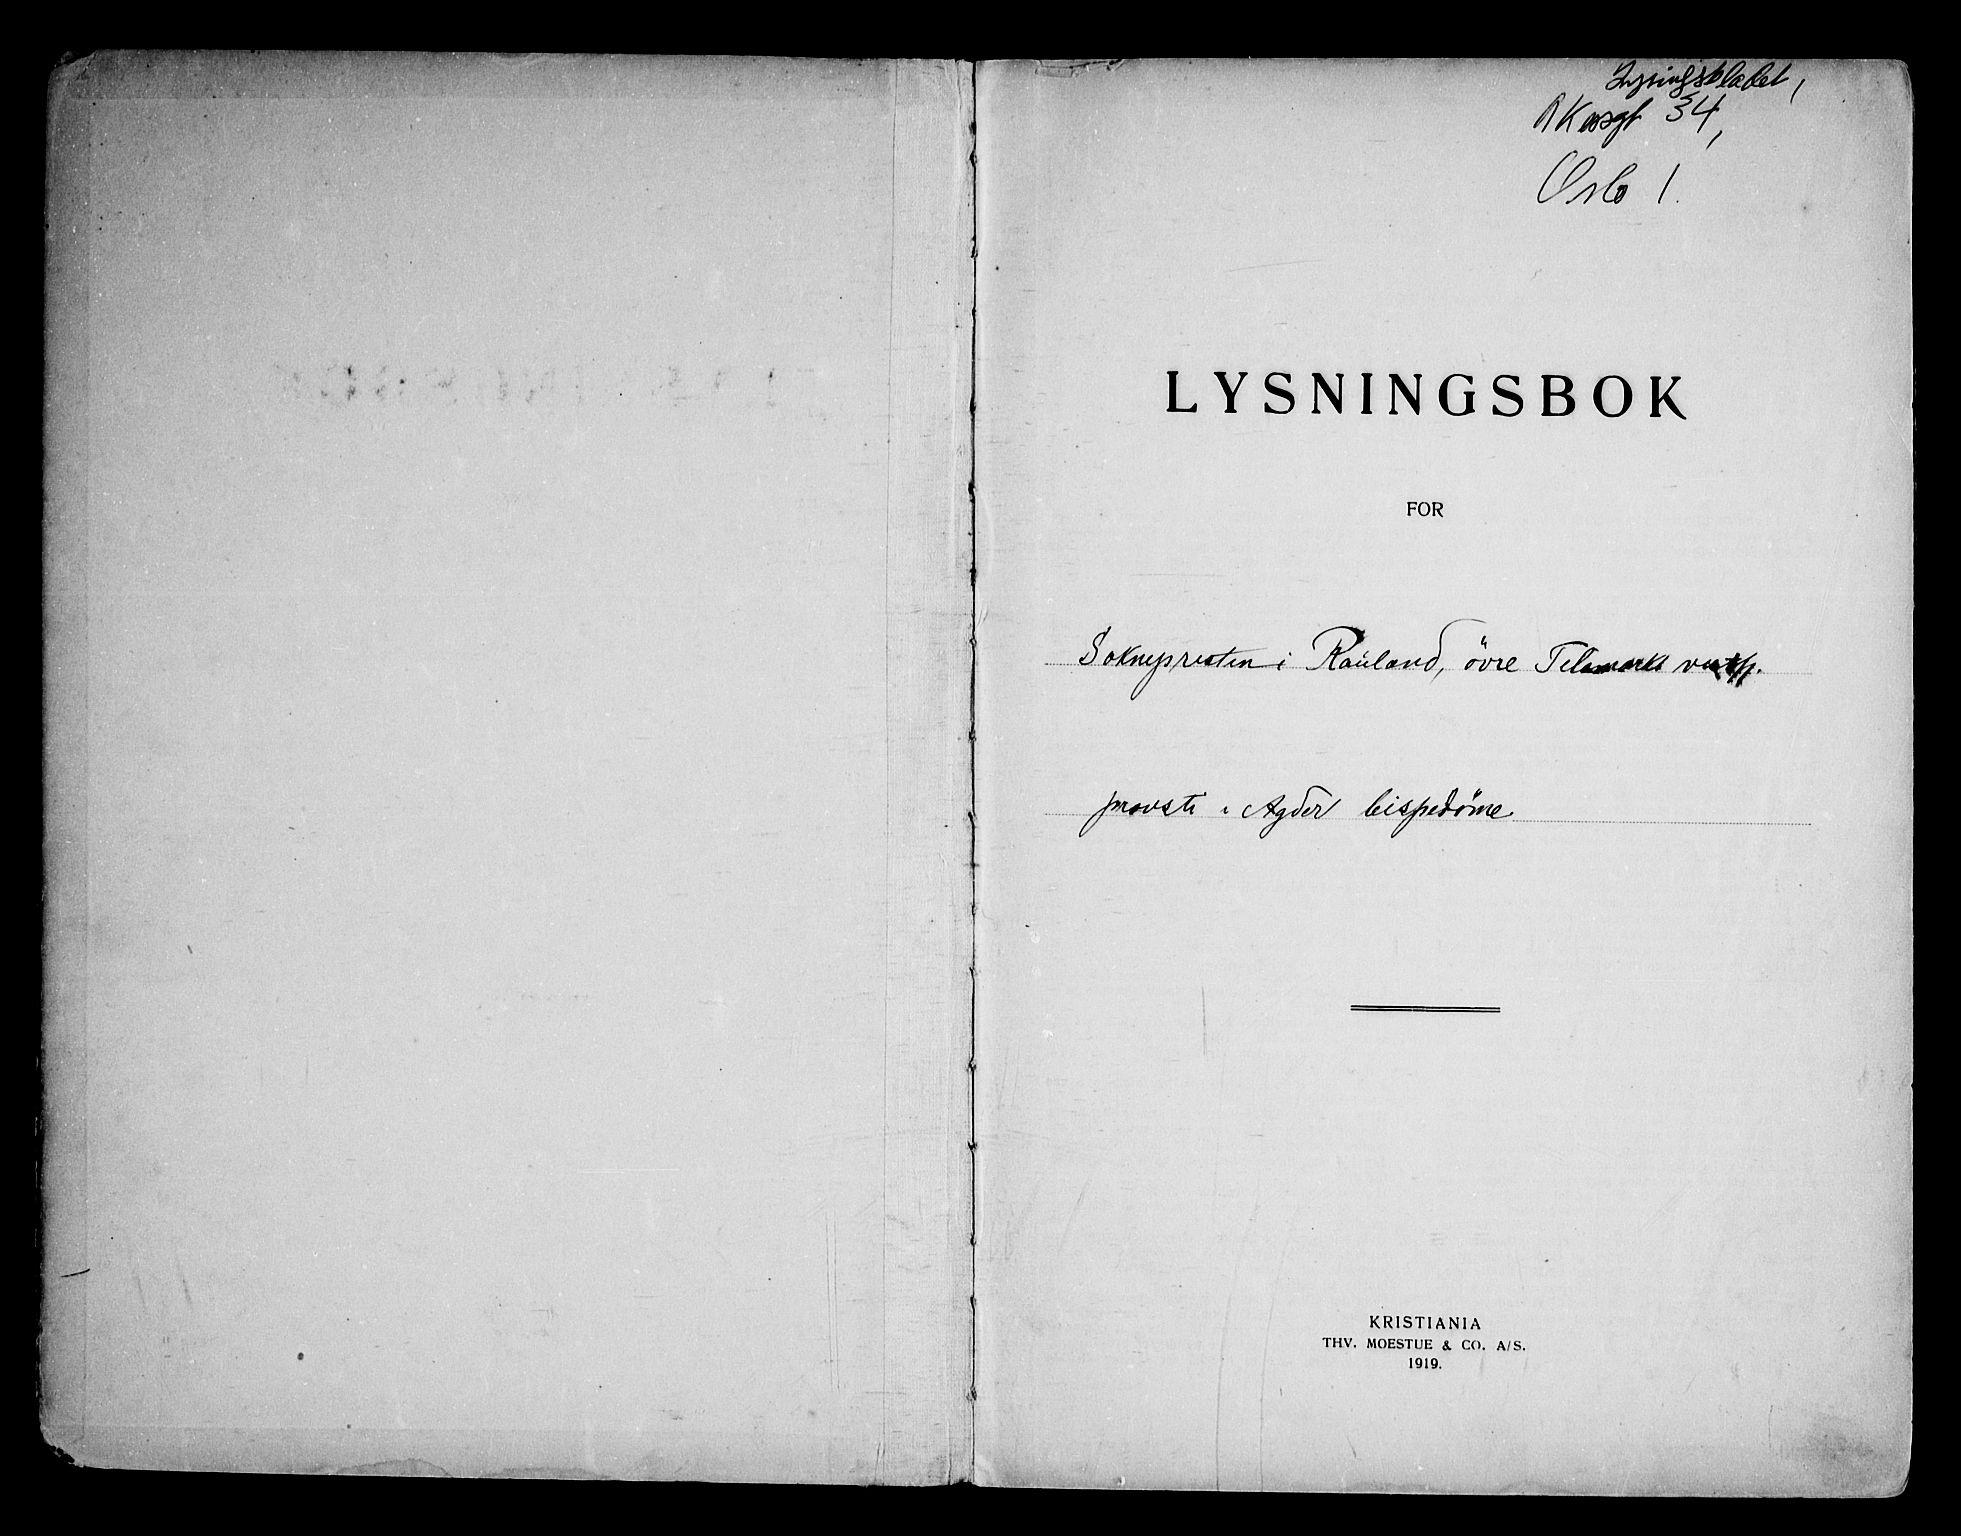 SAKO, Rauland kirkebøker, H/Ha/L0001: Lysningsprotokoll nr. 1, 1919-1971